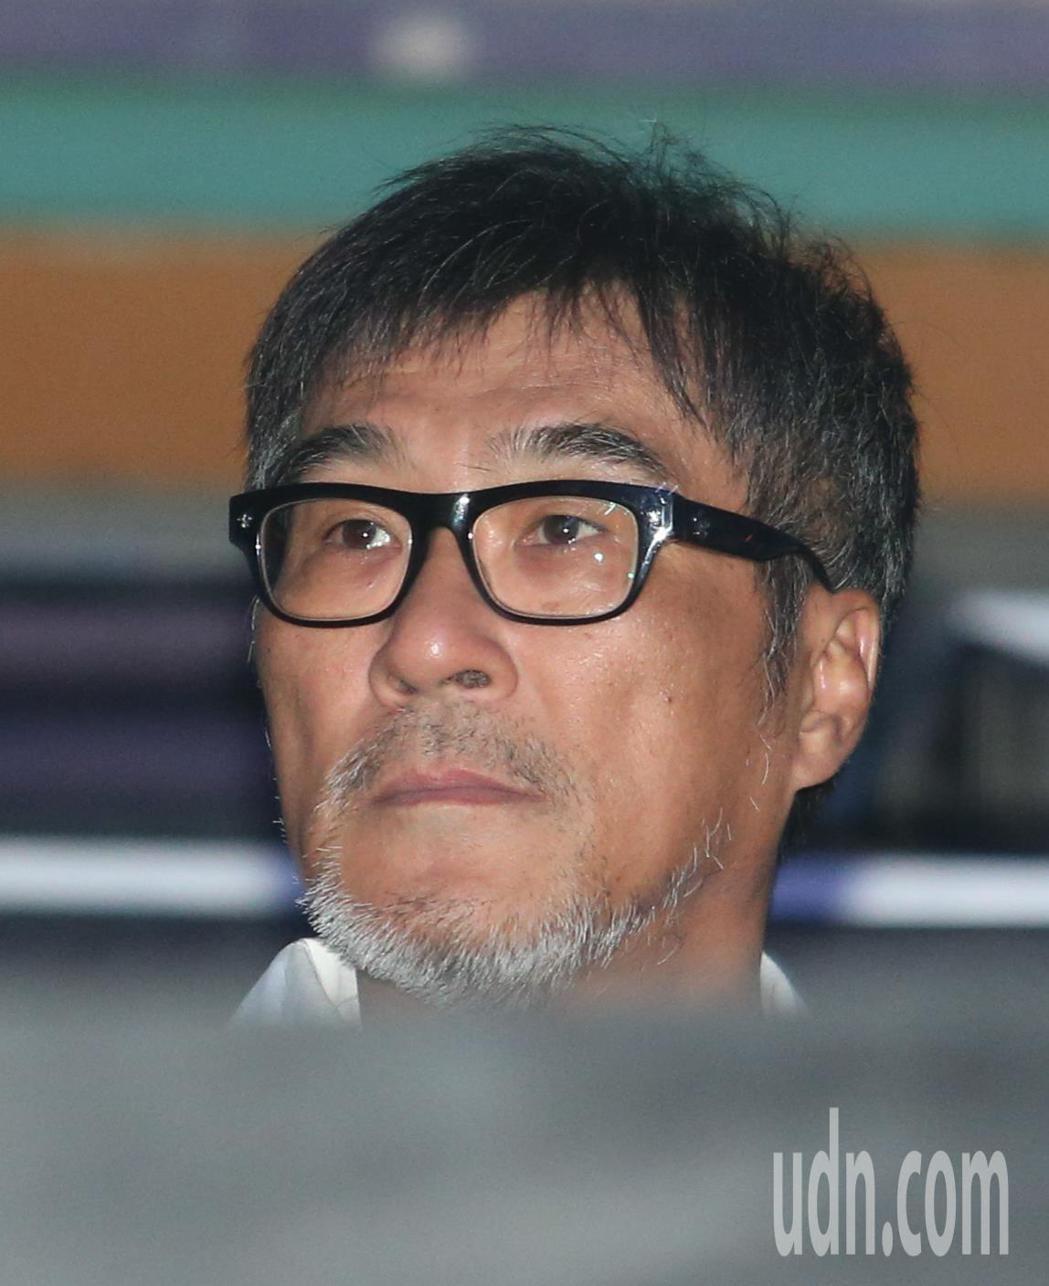 藝人李宗盛出席辛曉琪晚間台北小巨蛋演唱會。記者葉信菉/攝影